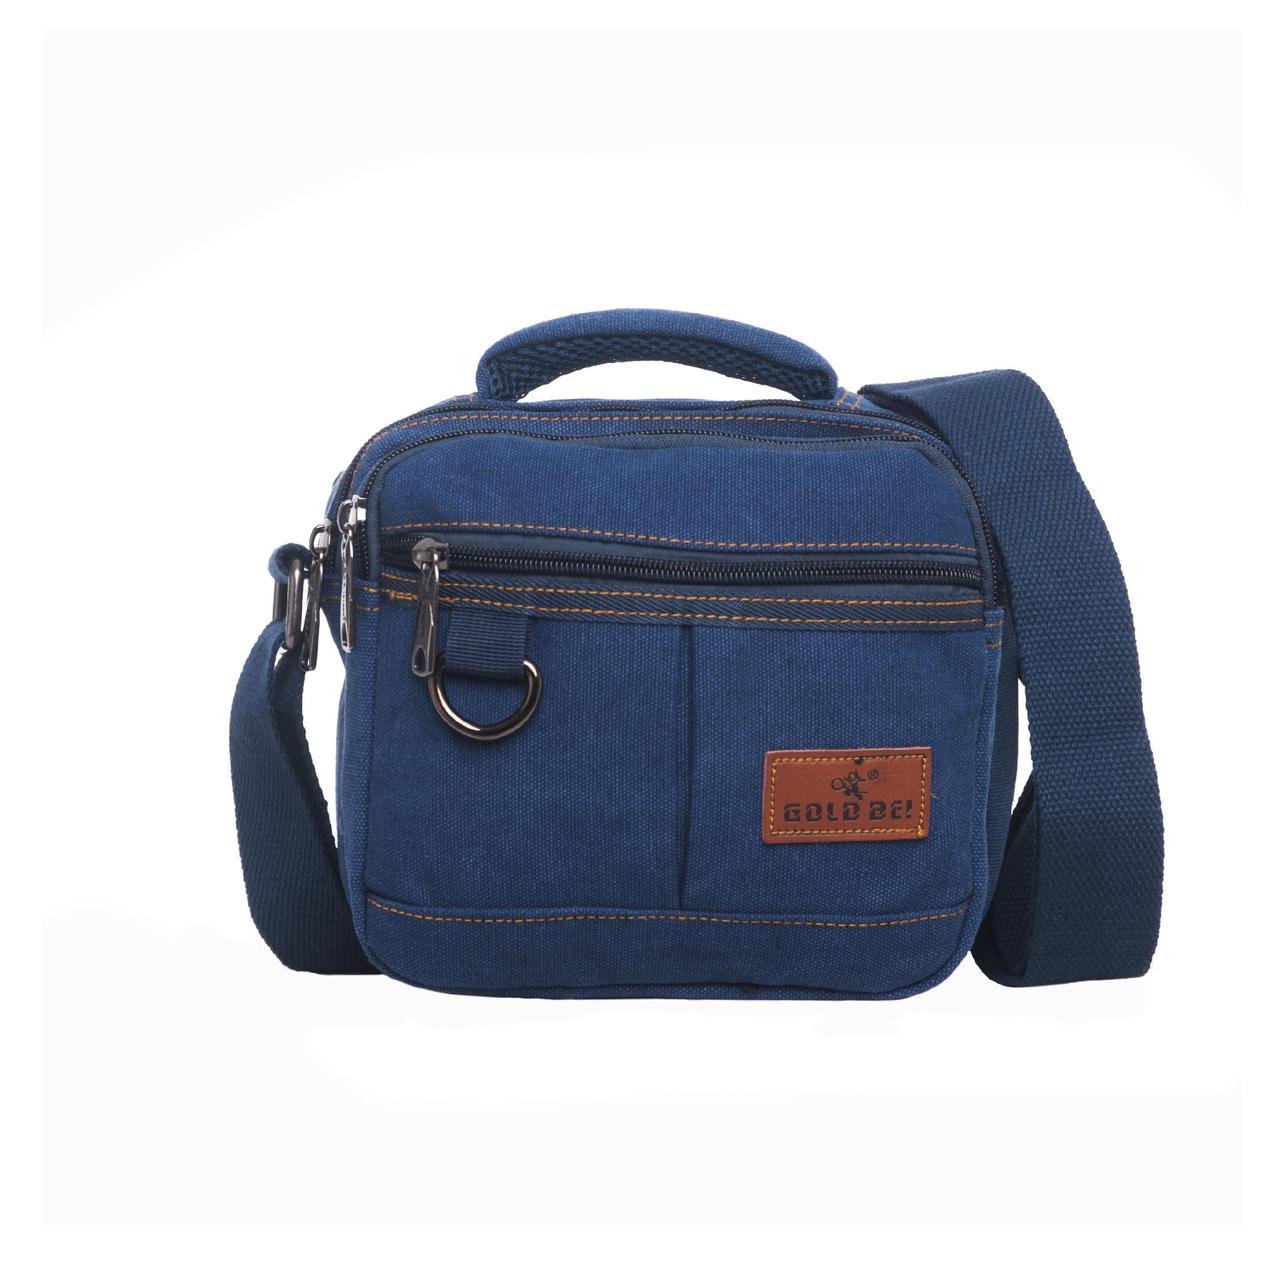 Мужская сумка горизонтальная GOLD BE 19х17х12 ткань брезент ксС555син